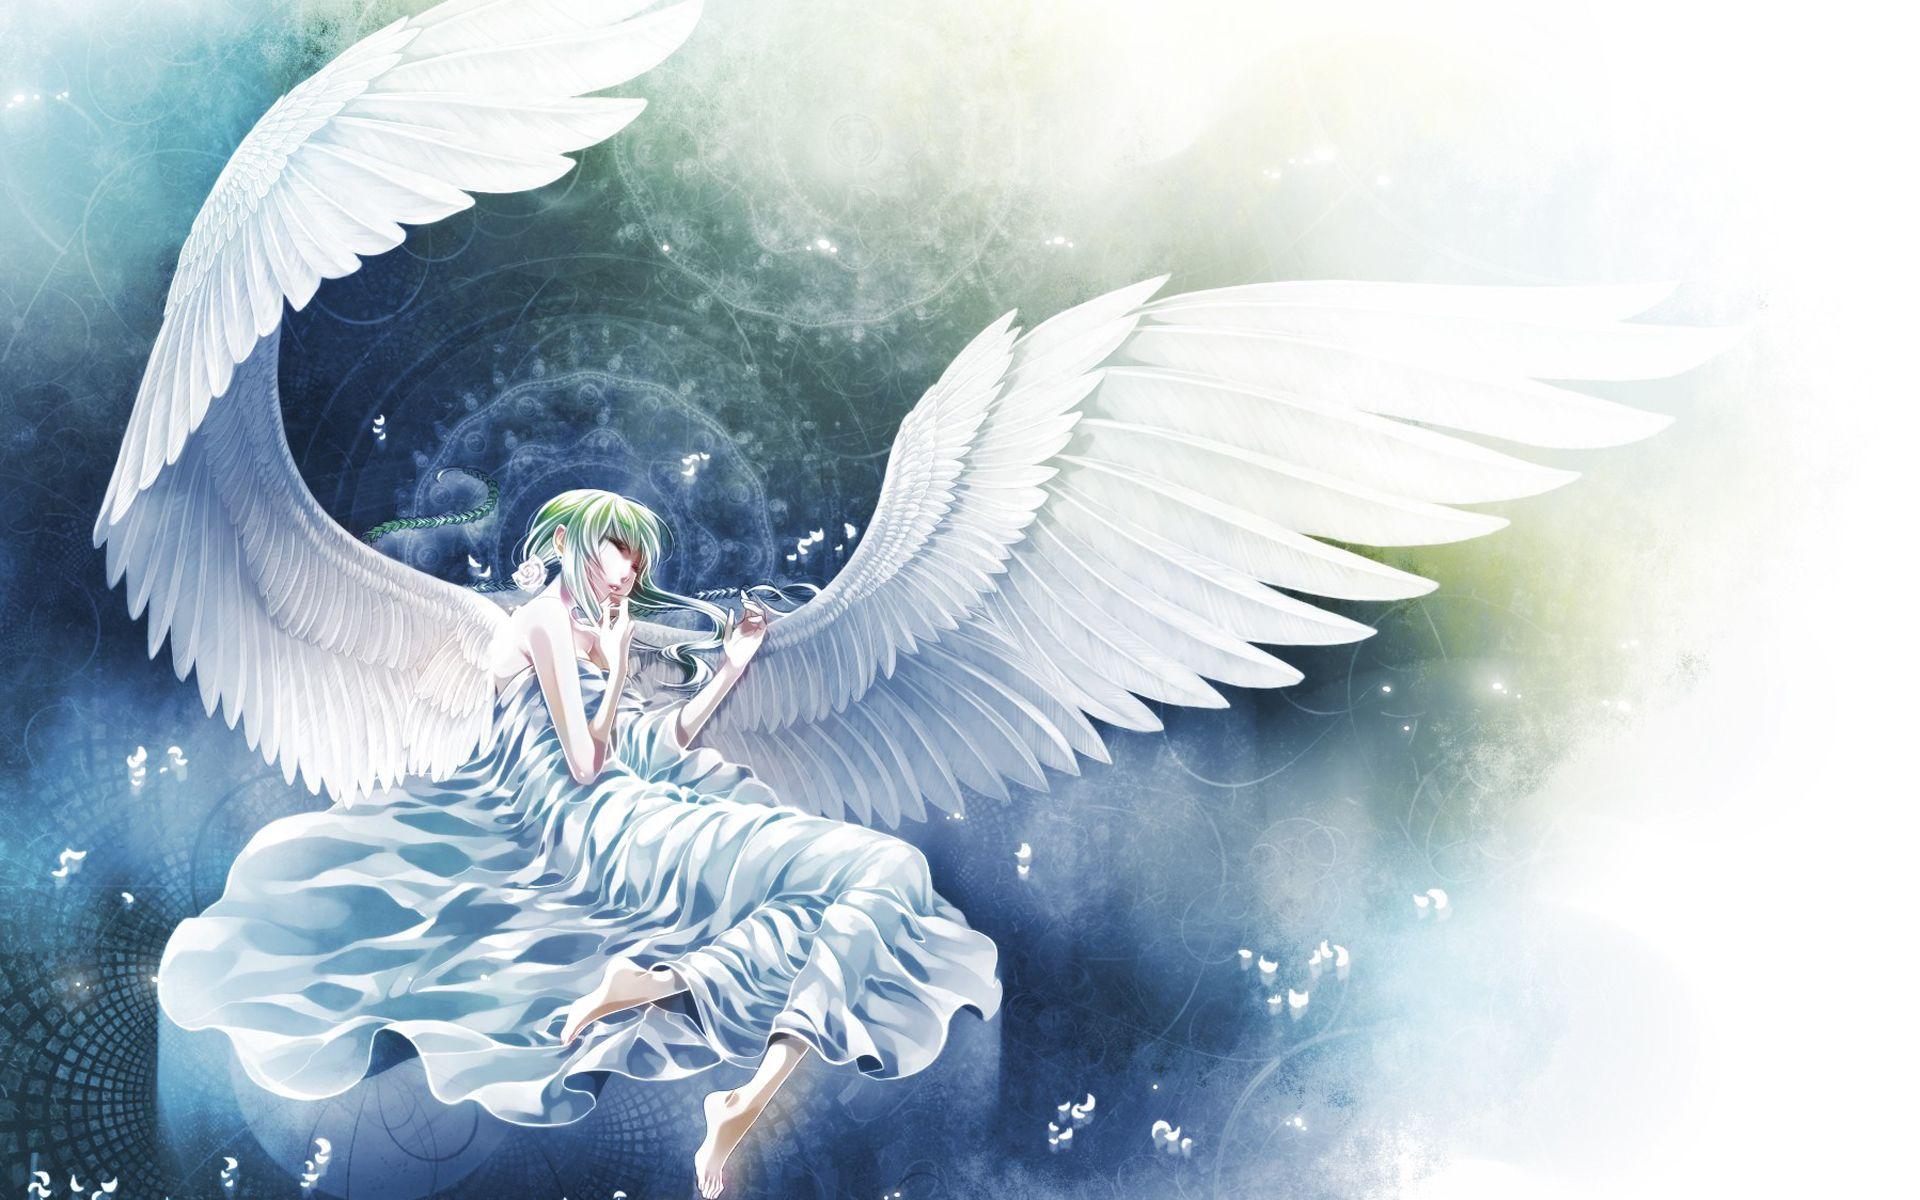 Anime Angel Wallpaper Best Wallpaper Hd Angel Wallpaper Anime Angel Girl Anime Angel